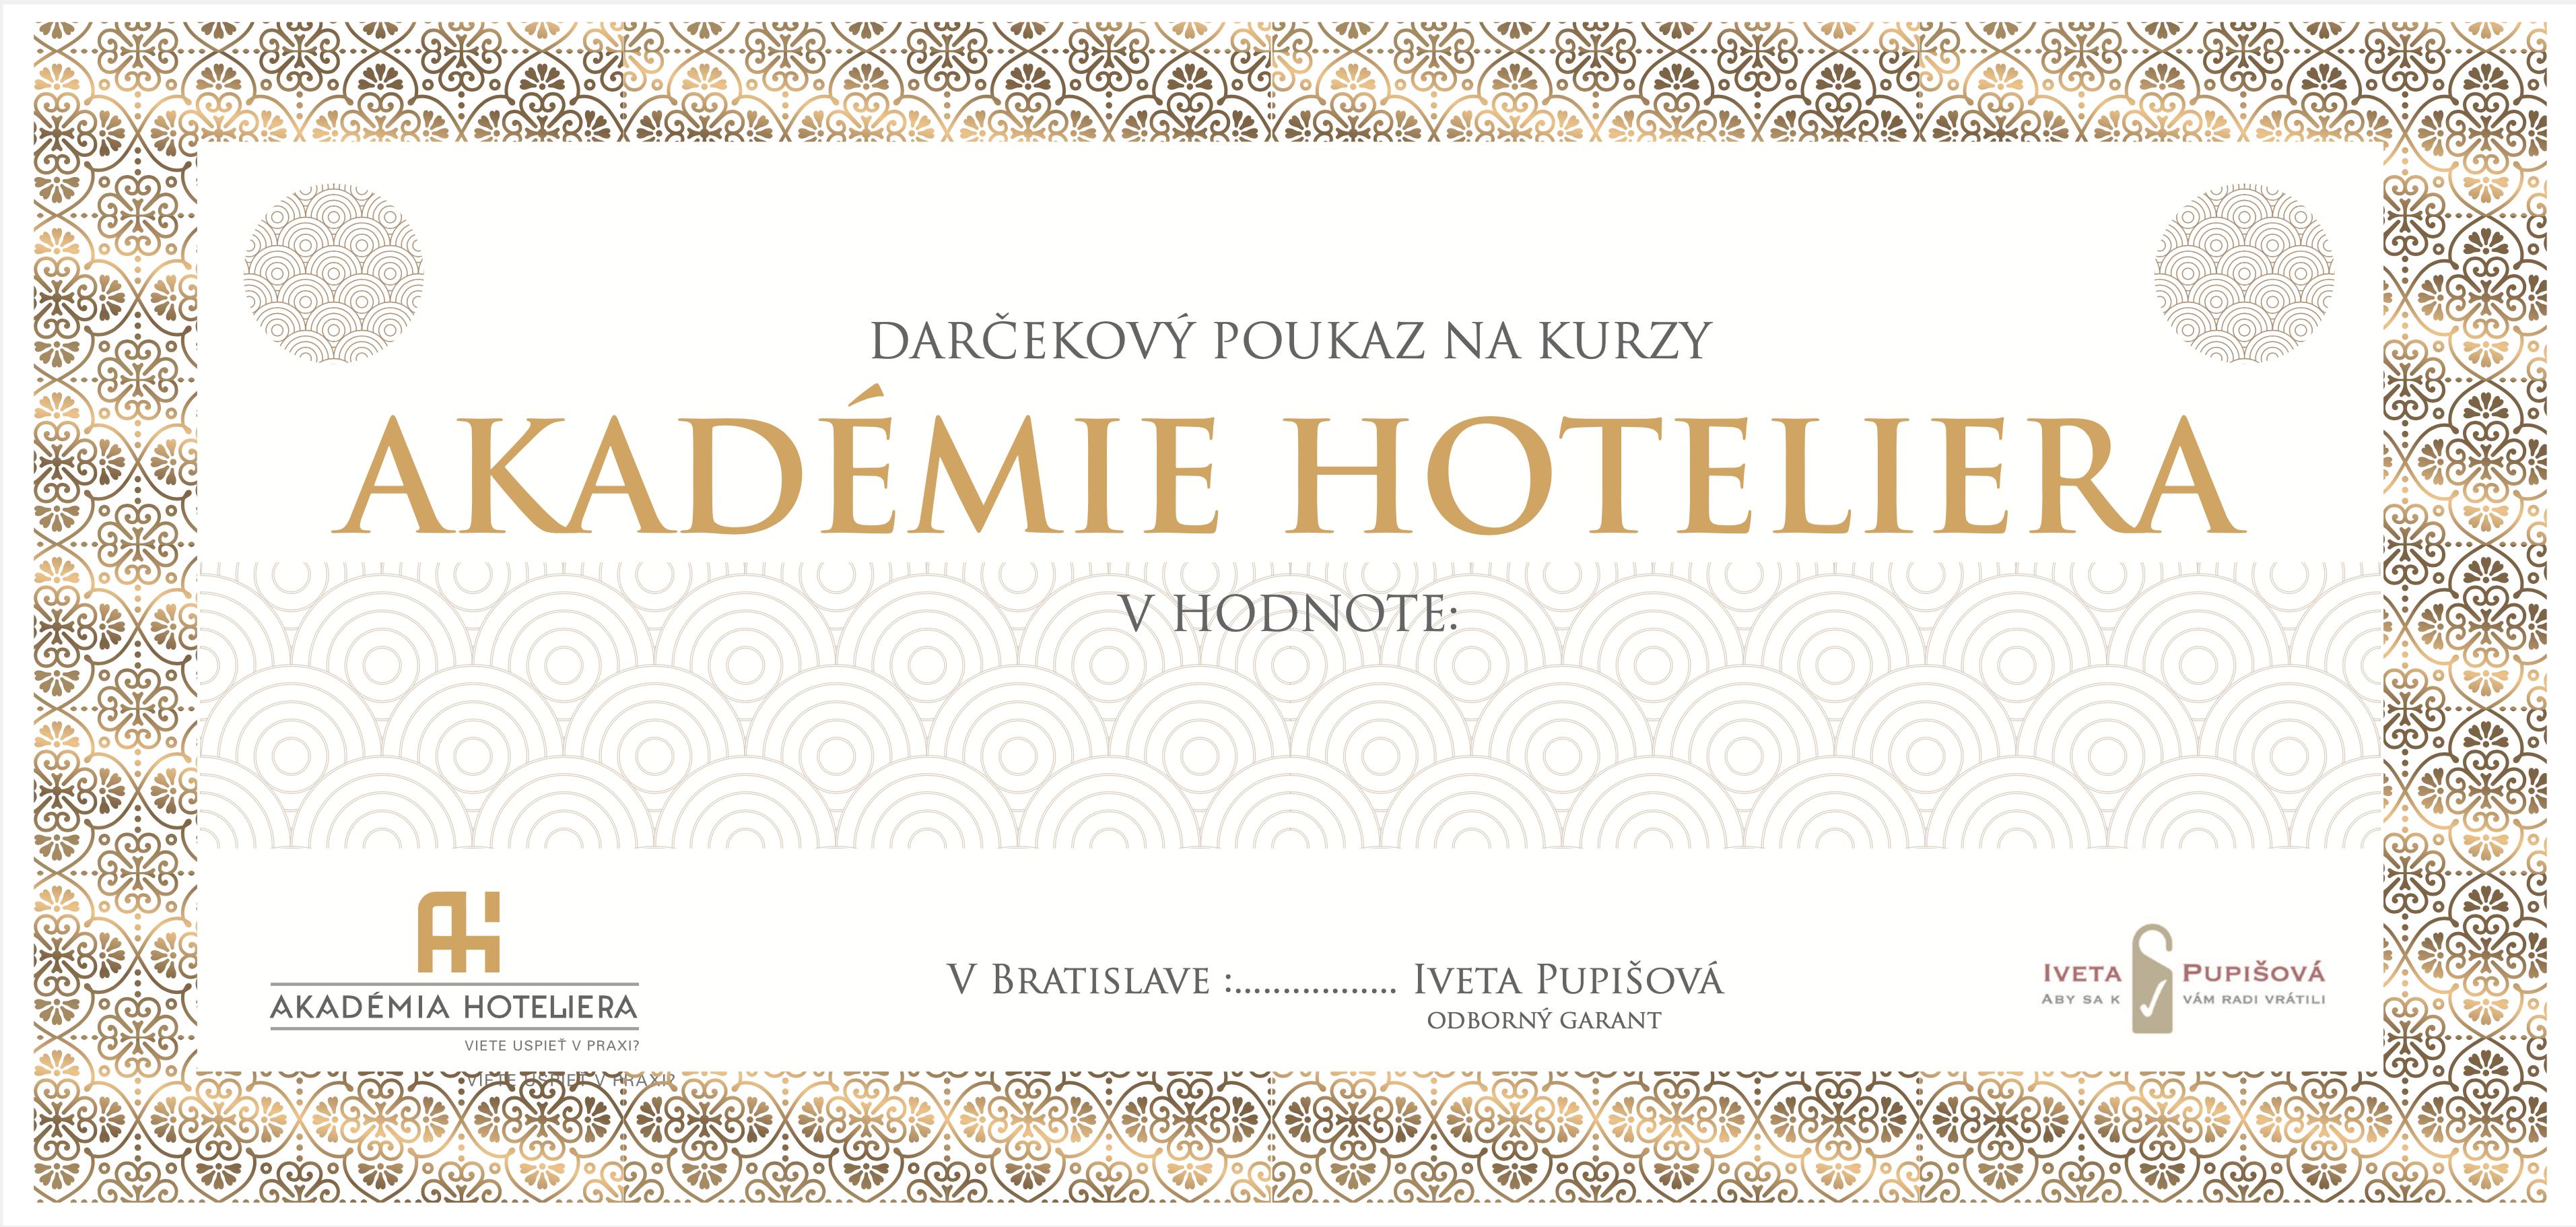 darčekový poukaz akadémia hoteliera